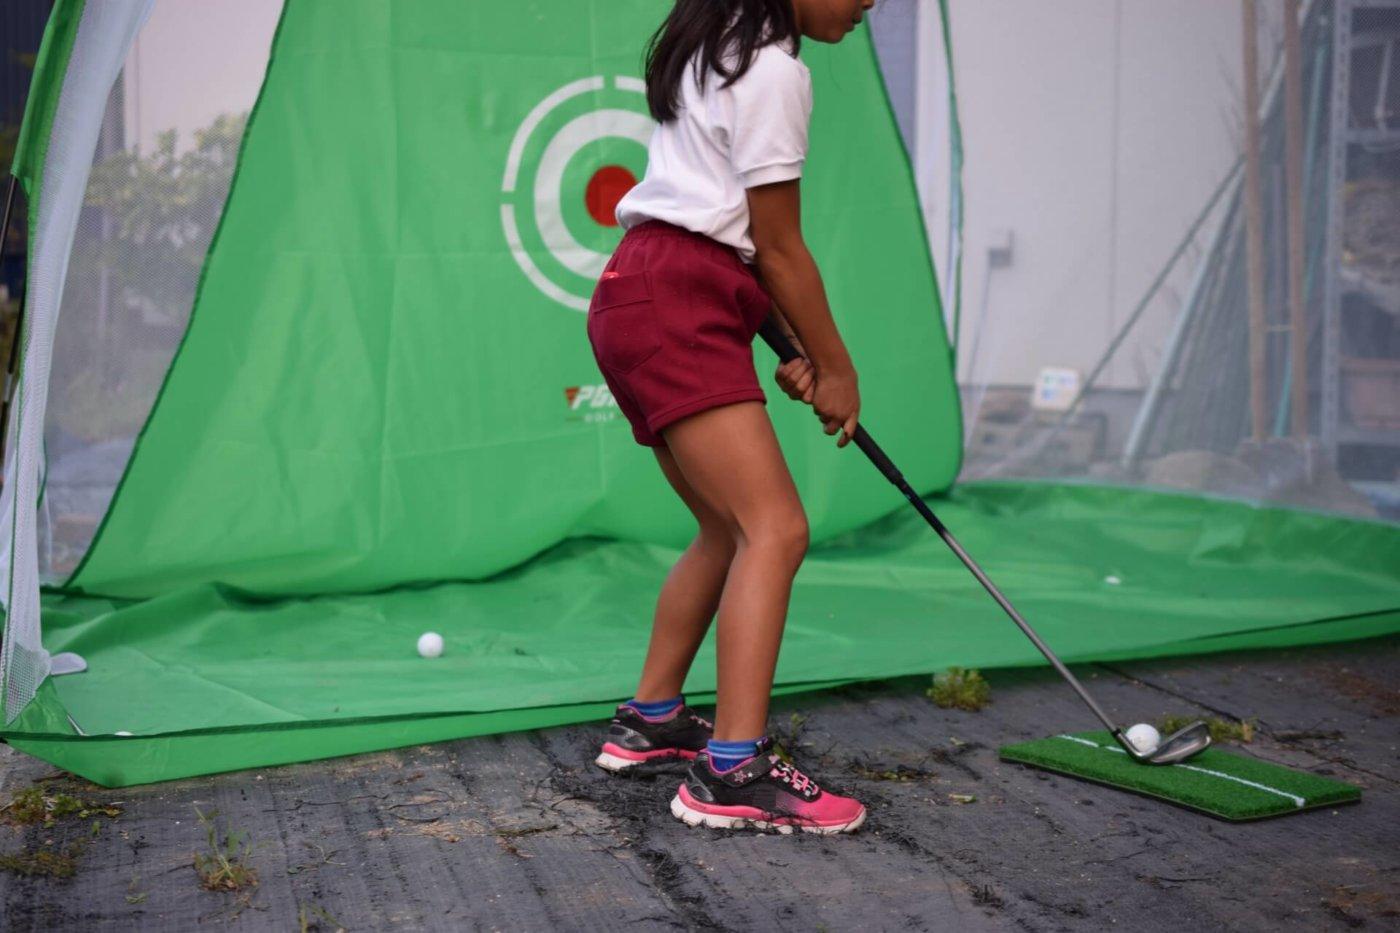 ゴルフの飛距離を伸ばす「ヘッドスピード」アップの秘訣